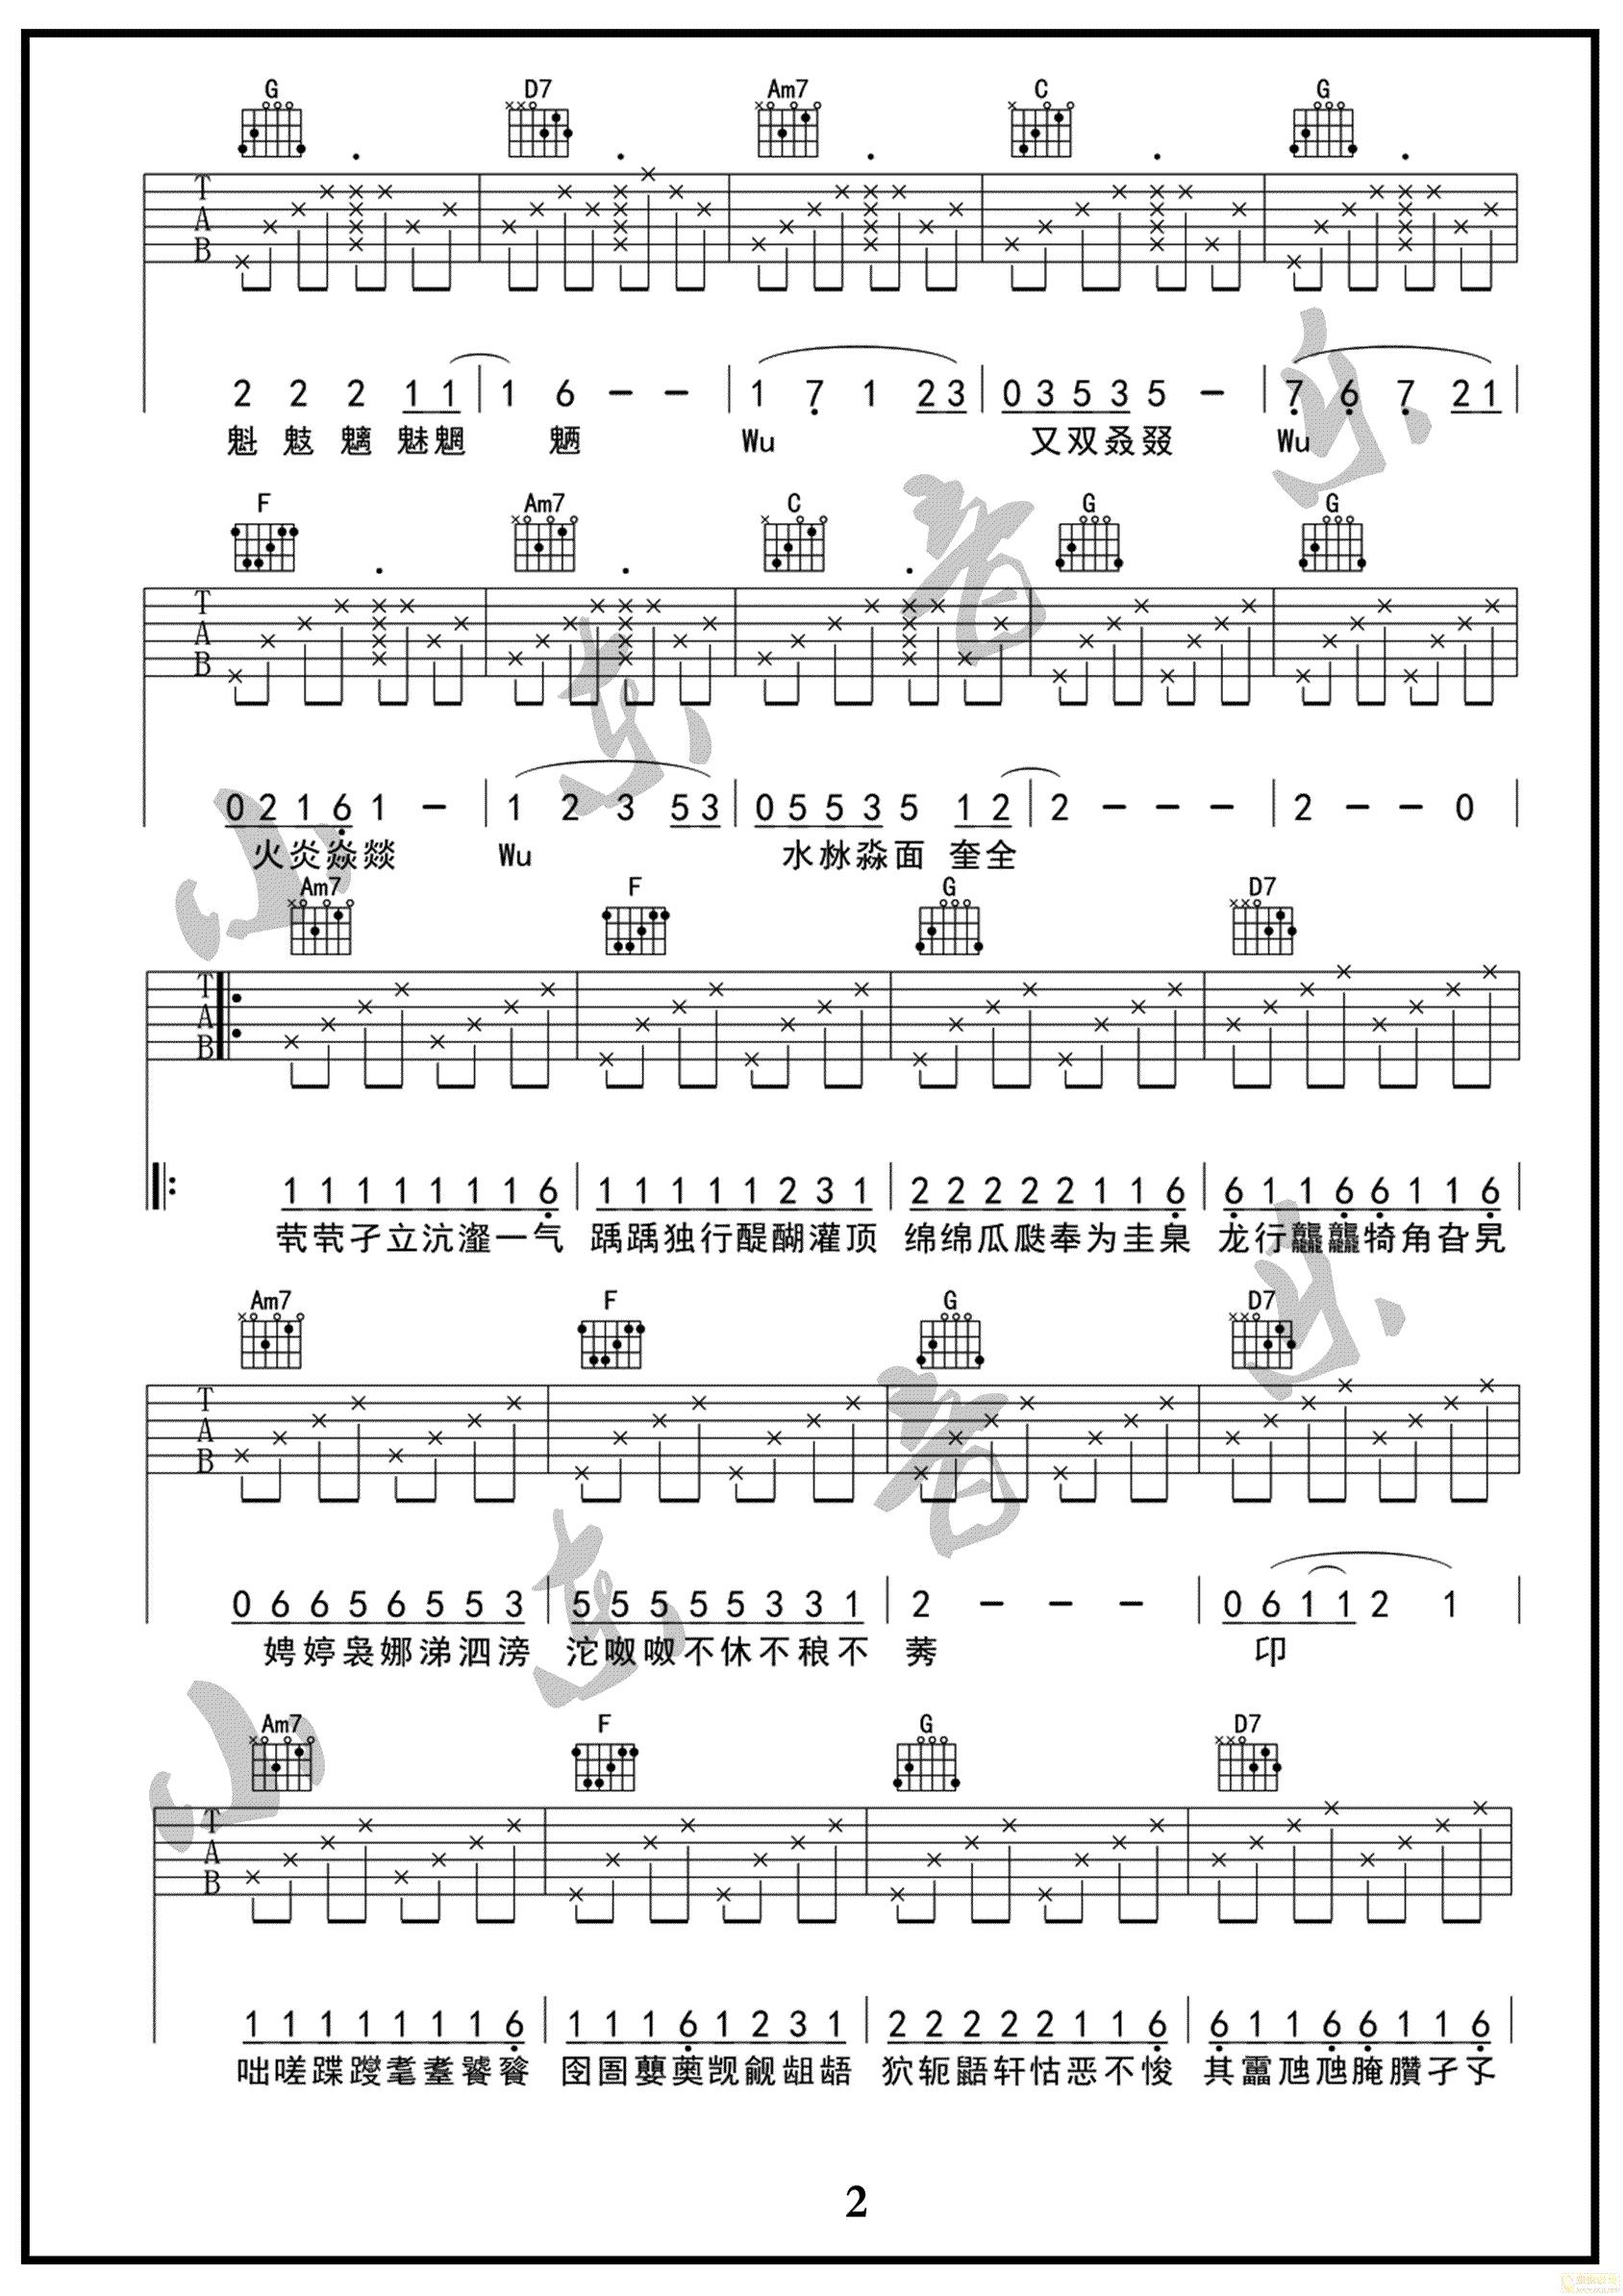 生僻字-陳柯宇-图片吉他谱-2